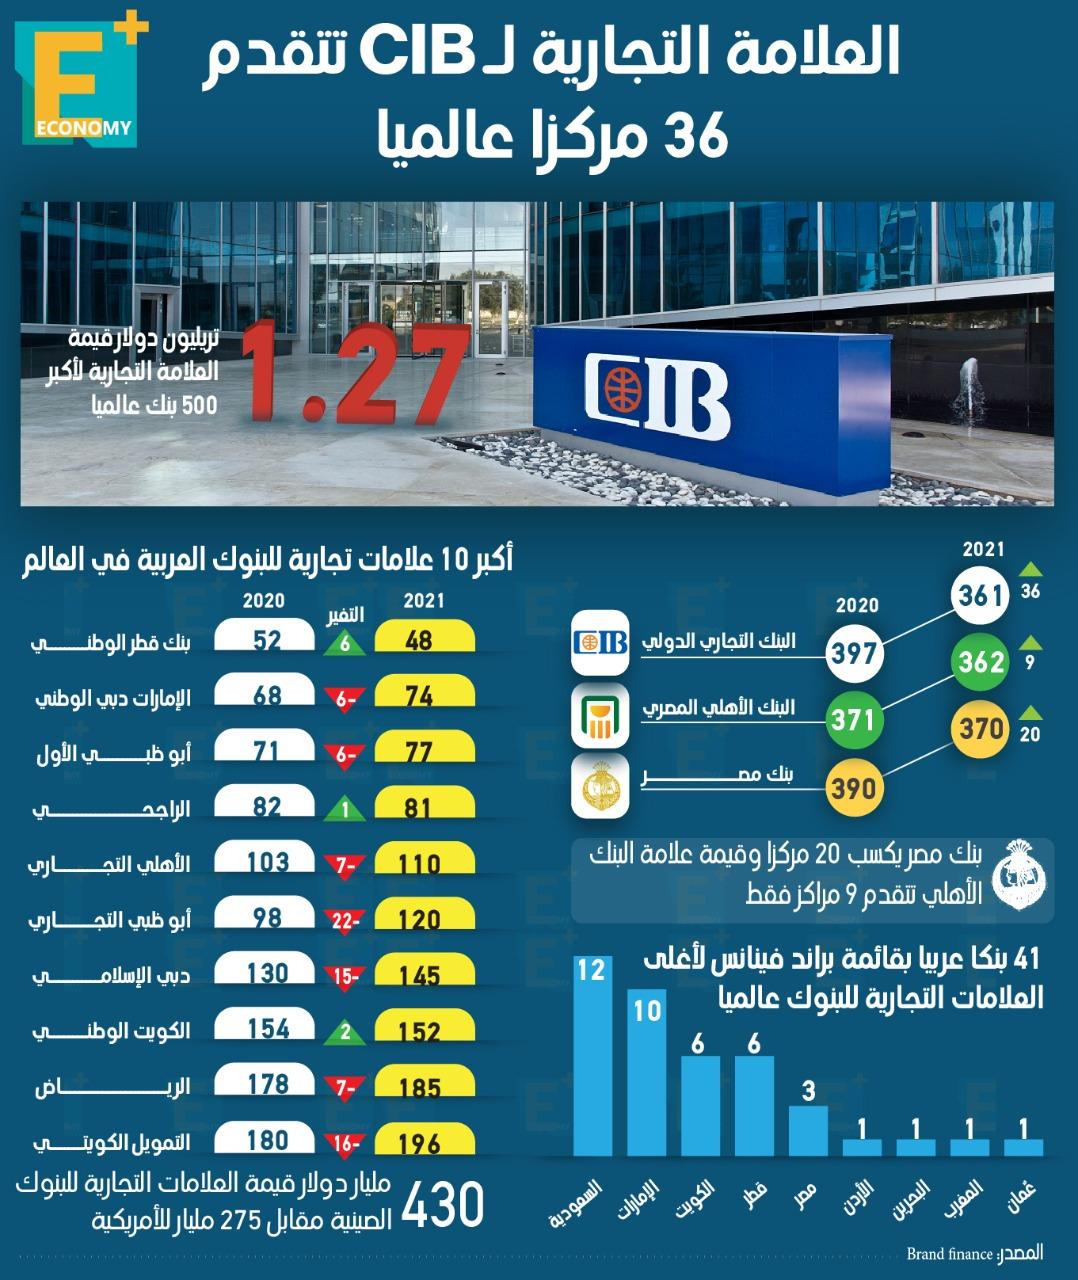 العلامة التجارية لـ CIB تتقدم  36 مركزاً عالمياً